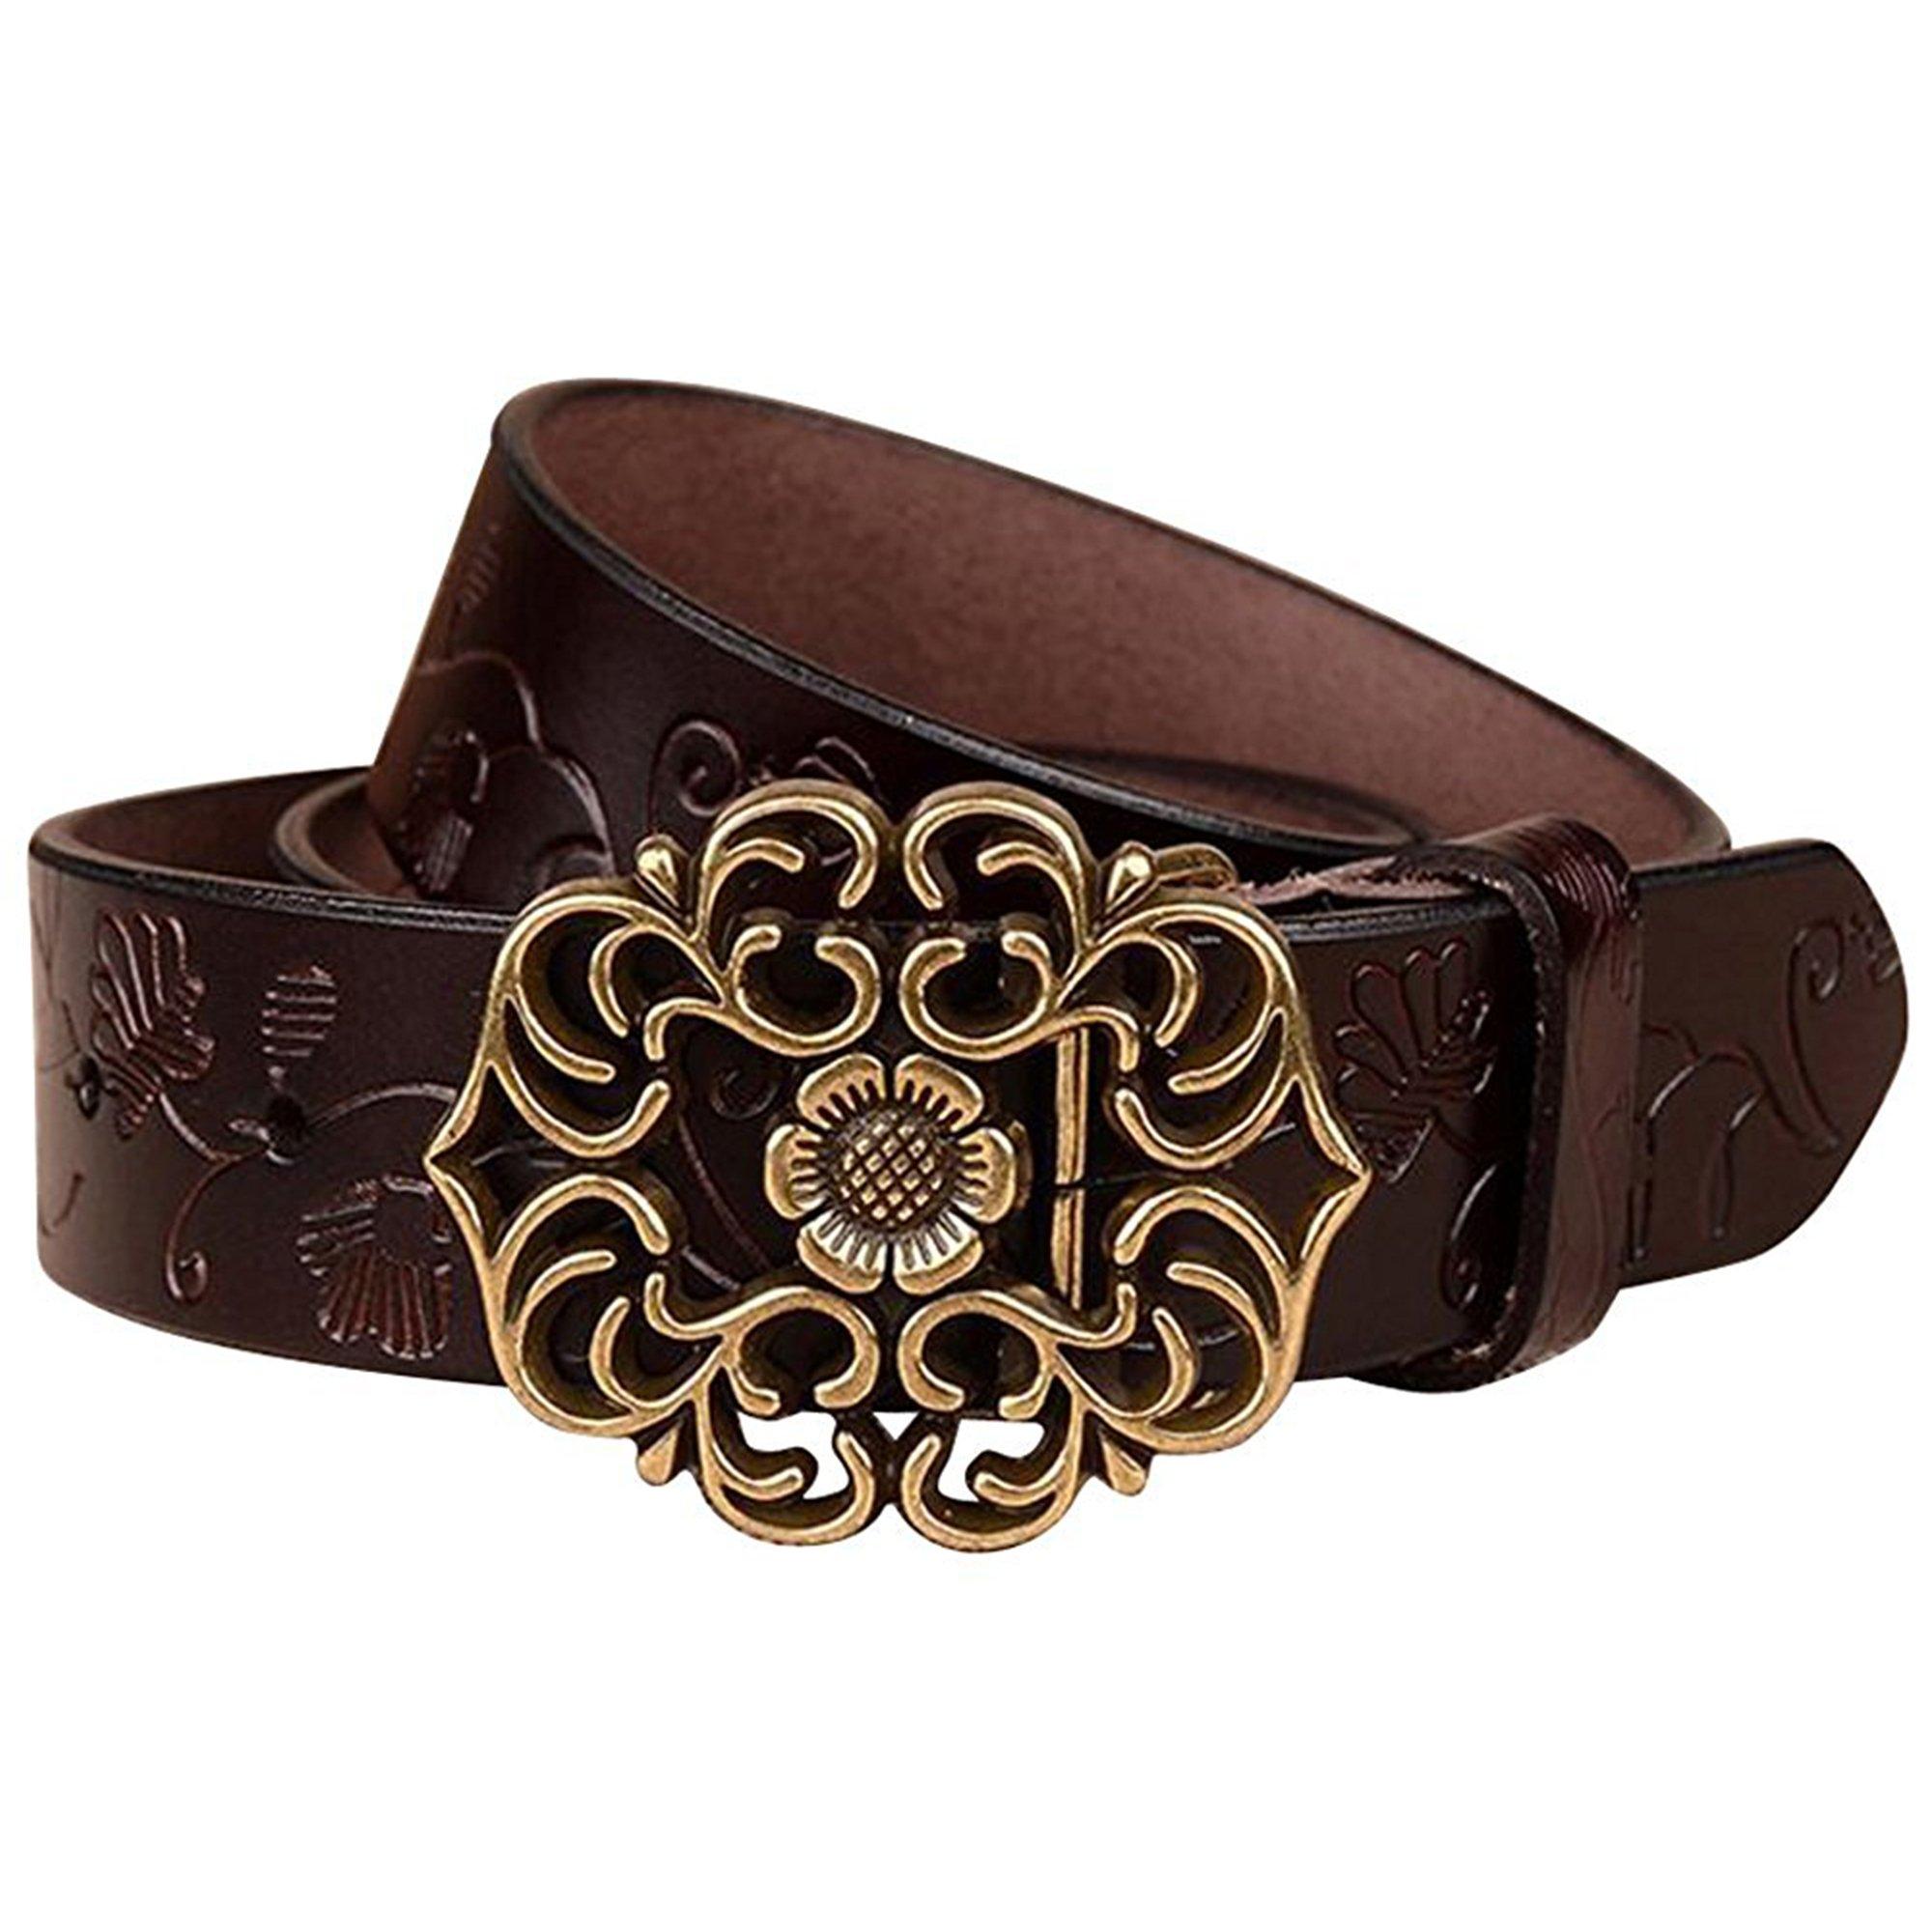 NormCorer Cinturón de cuero de la hebilla de la flor del cuero genuino de  las mujeres 4f65d2b6bc73